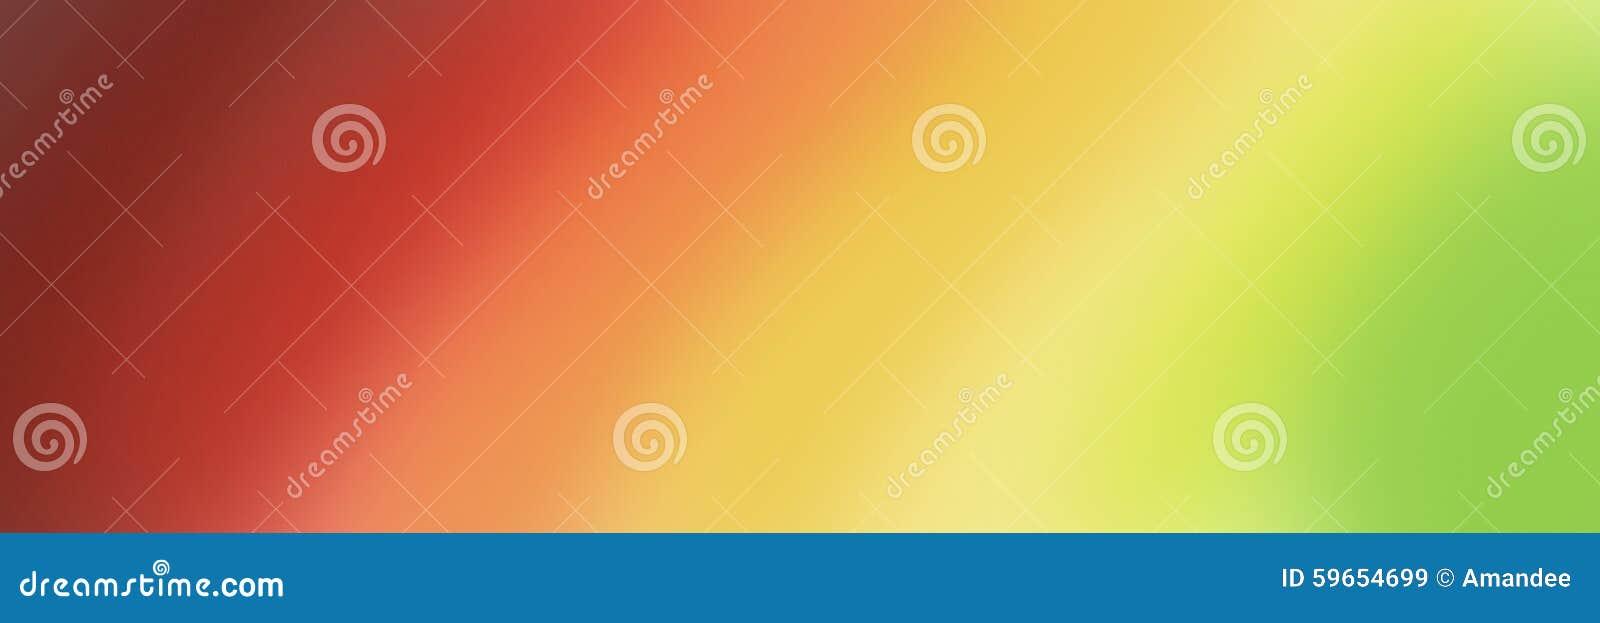 Grande insegna astratta nelle tonalità di pendenza di giallo e verde rossi